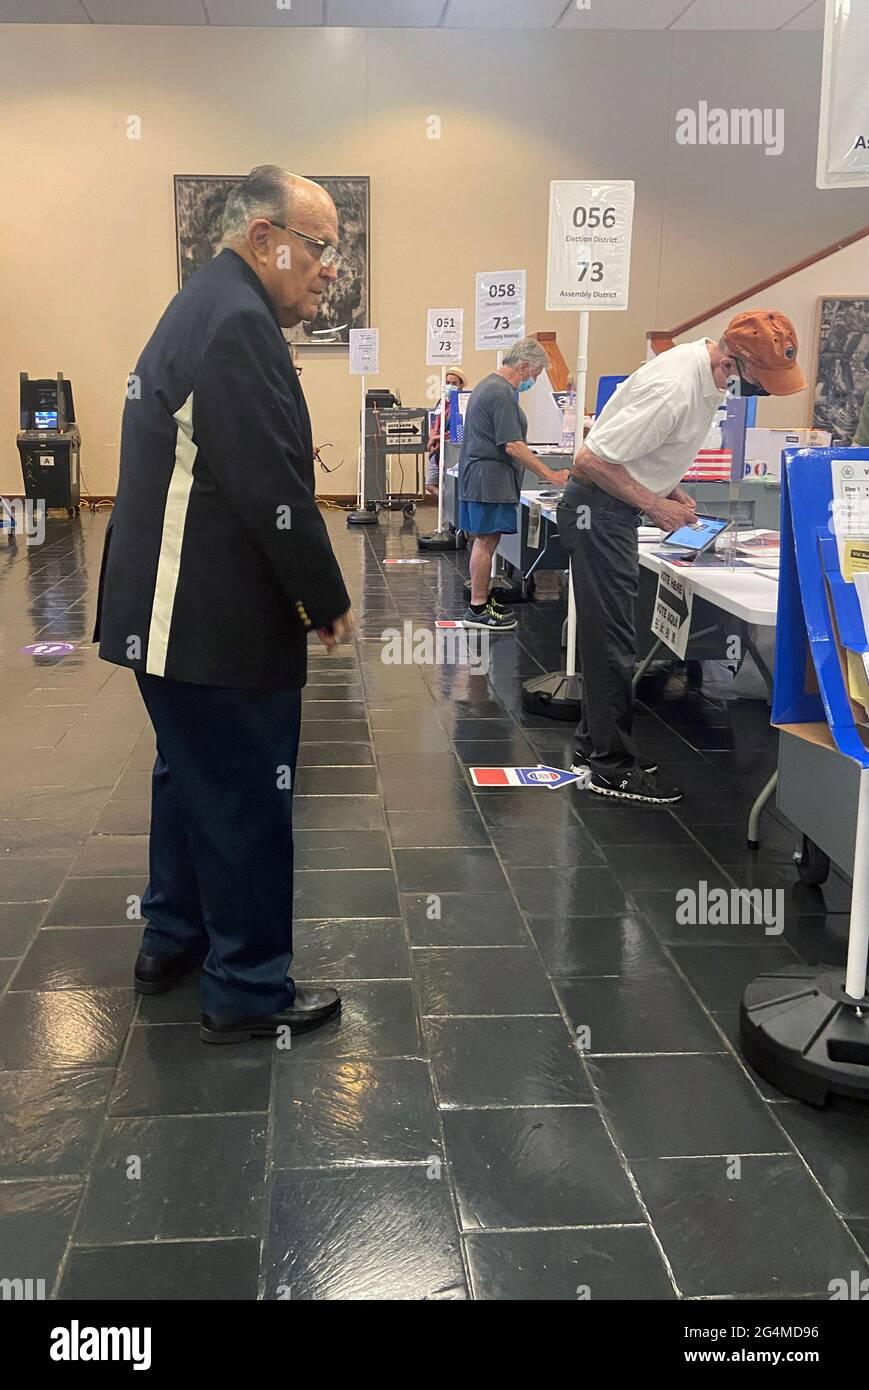 New York, NY, États-Unis. 22 juin 2021. Le 22 juin 2021, l'ancien maire de New York Rudolph Giuliani a voté le jour de l'élection primaire au Hunter College de New York. Crédit : iz/Media Punch/Alamy Live News Banque D'Images